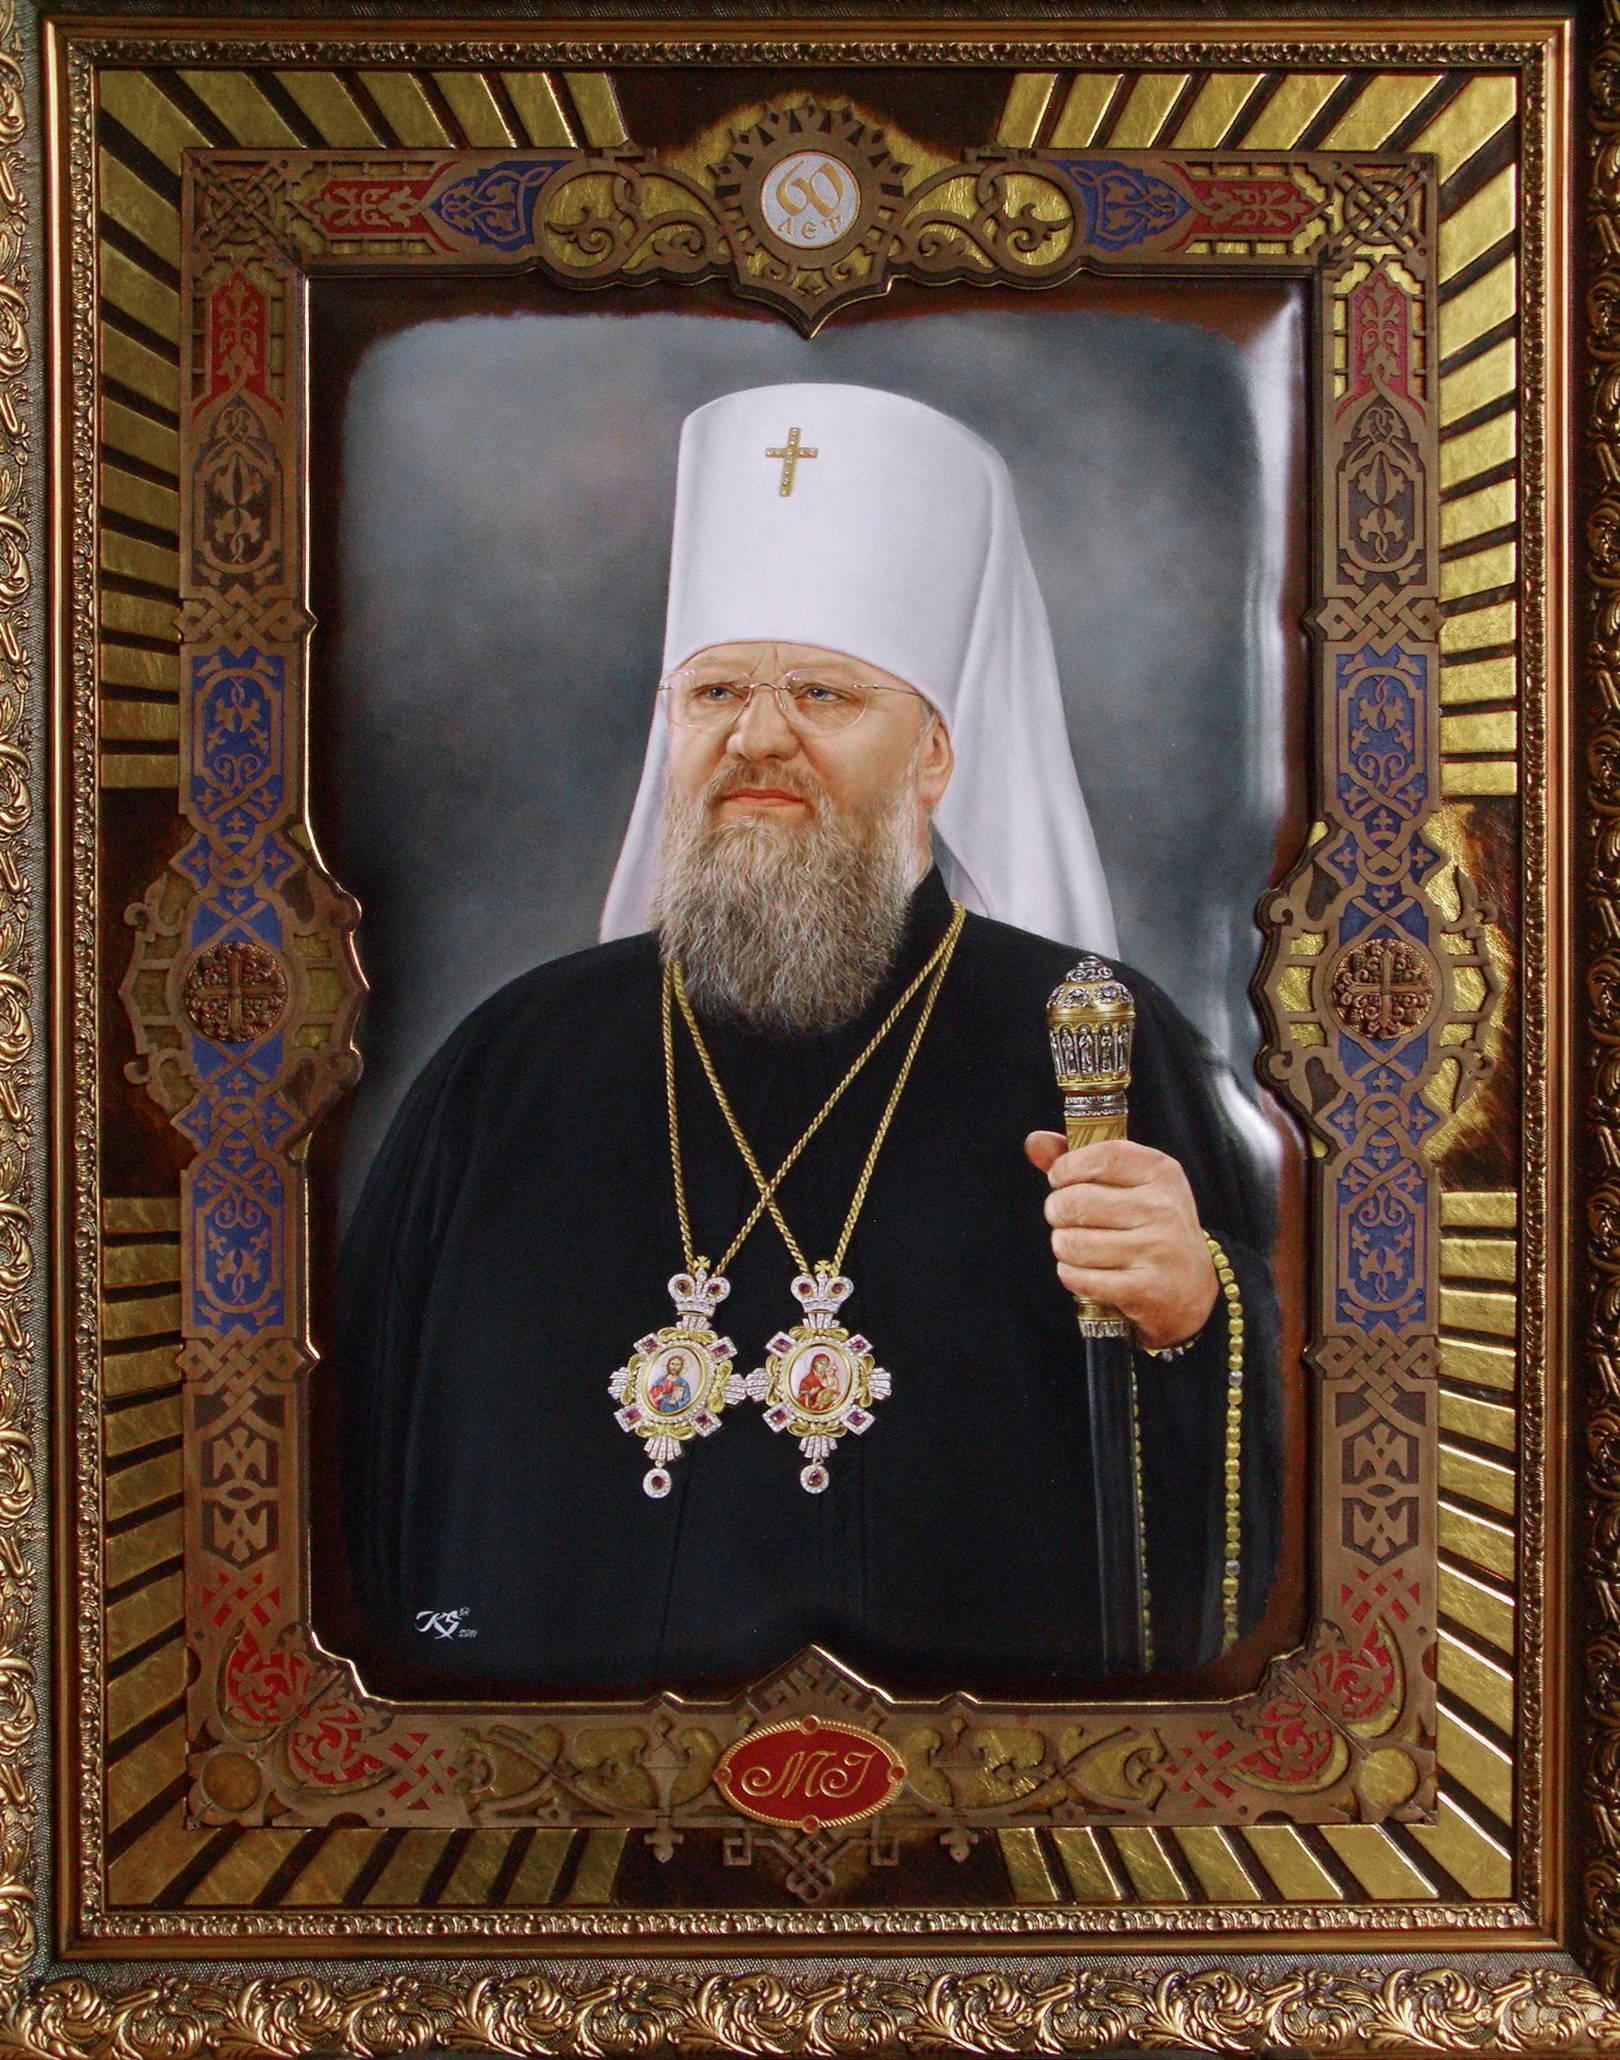 Митрополит Донецкий и Мариупольский Илларион кожа, масло, 70х50